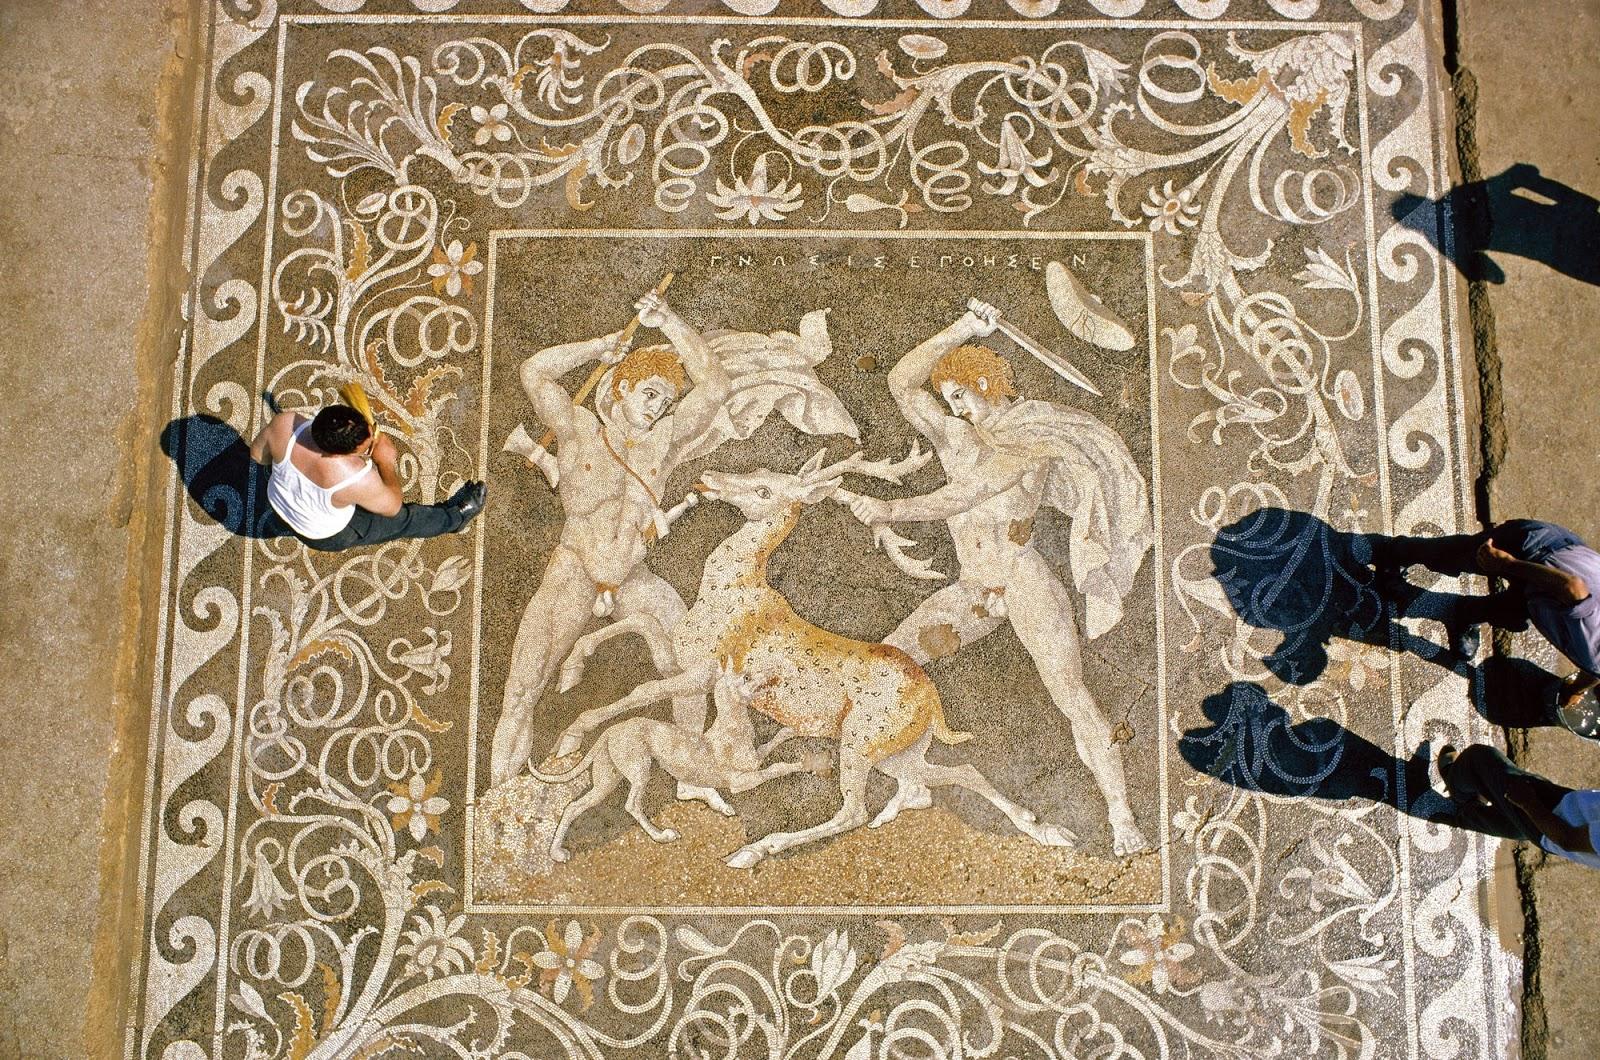 Filipo hizo de Pella la nueva capital de Macedonia en detrimento de Egas (Vergina). En Pella se han descubierto magníficos mosaicos que decoraban casas y palacios, como el de la imagen, con una escena de cacería.